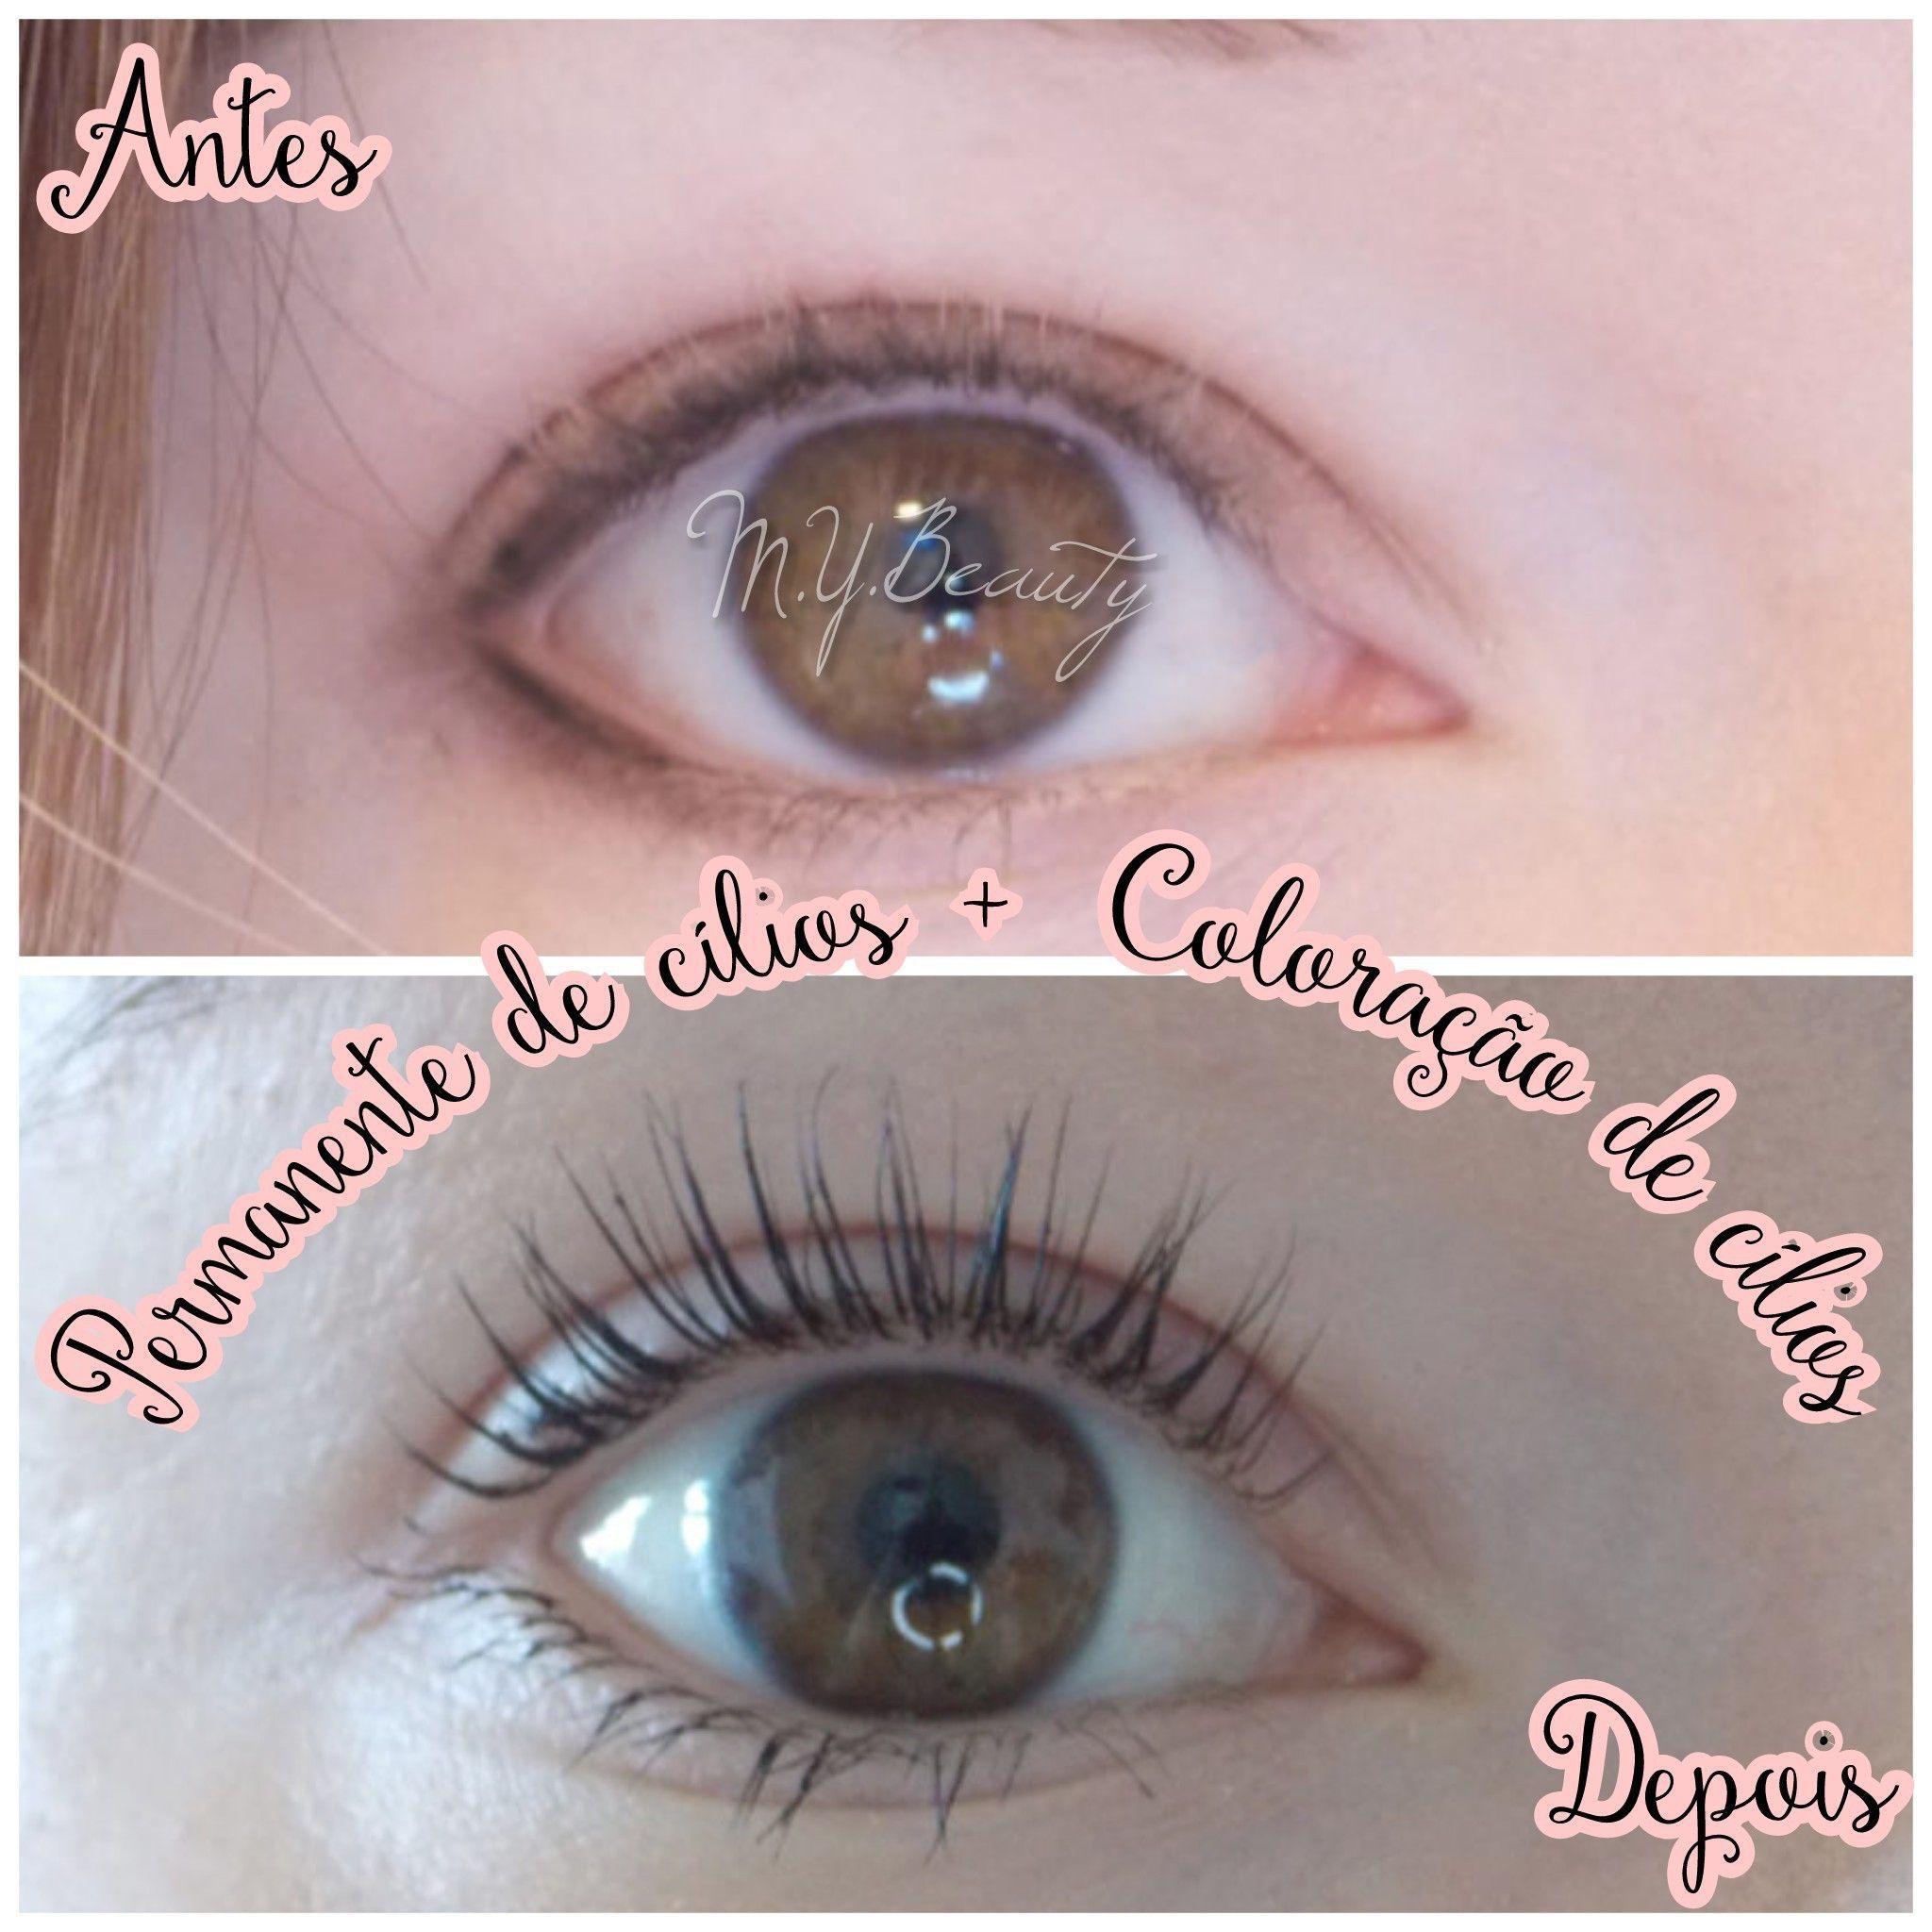 Permanente de cílios com tintura de cílios estética depilador(a) depilador(a) designer de sobrancelhas